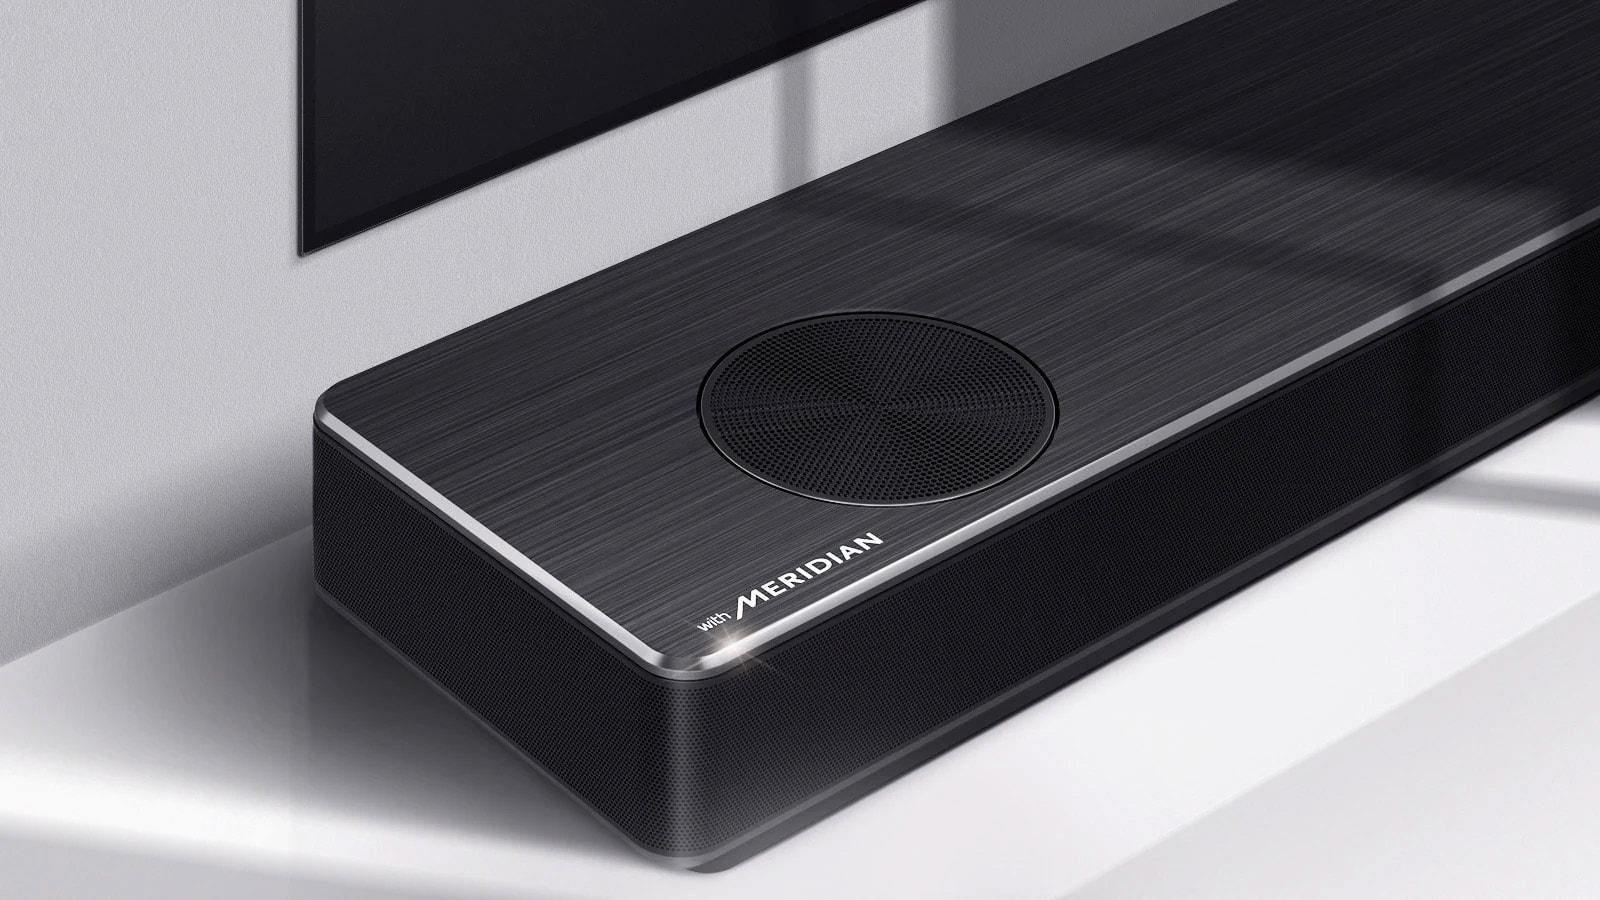 Cận cảnh mặt trái của LG Soundbar với logo Meridian được hiển thị ở góc dưới cùng bên trái trên sản phẩm. Hiển thị cả cạnh phía dưới bên trái của TV.